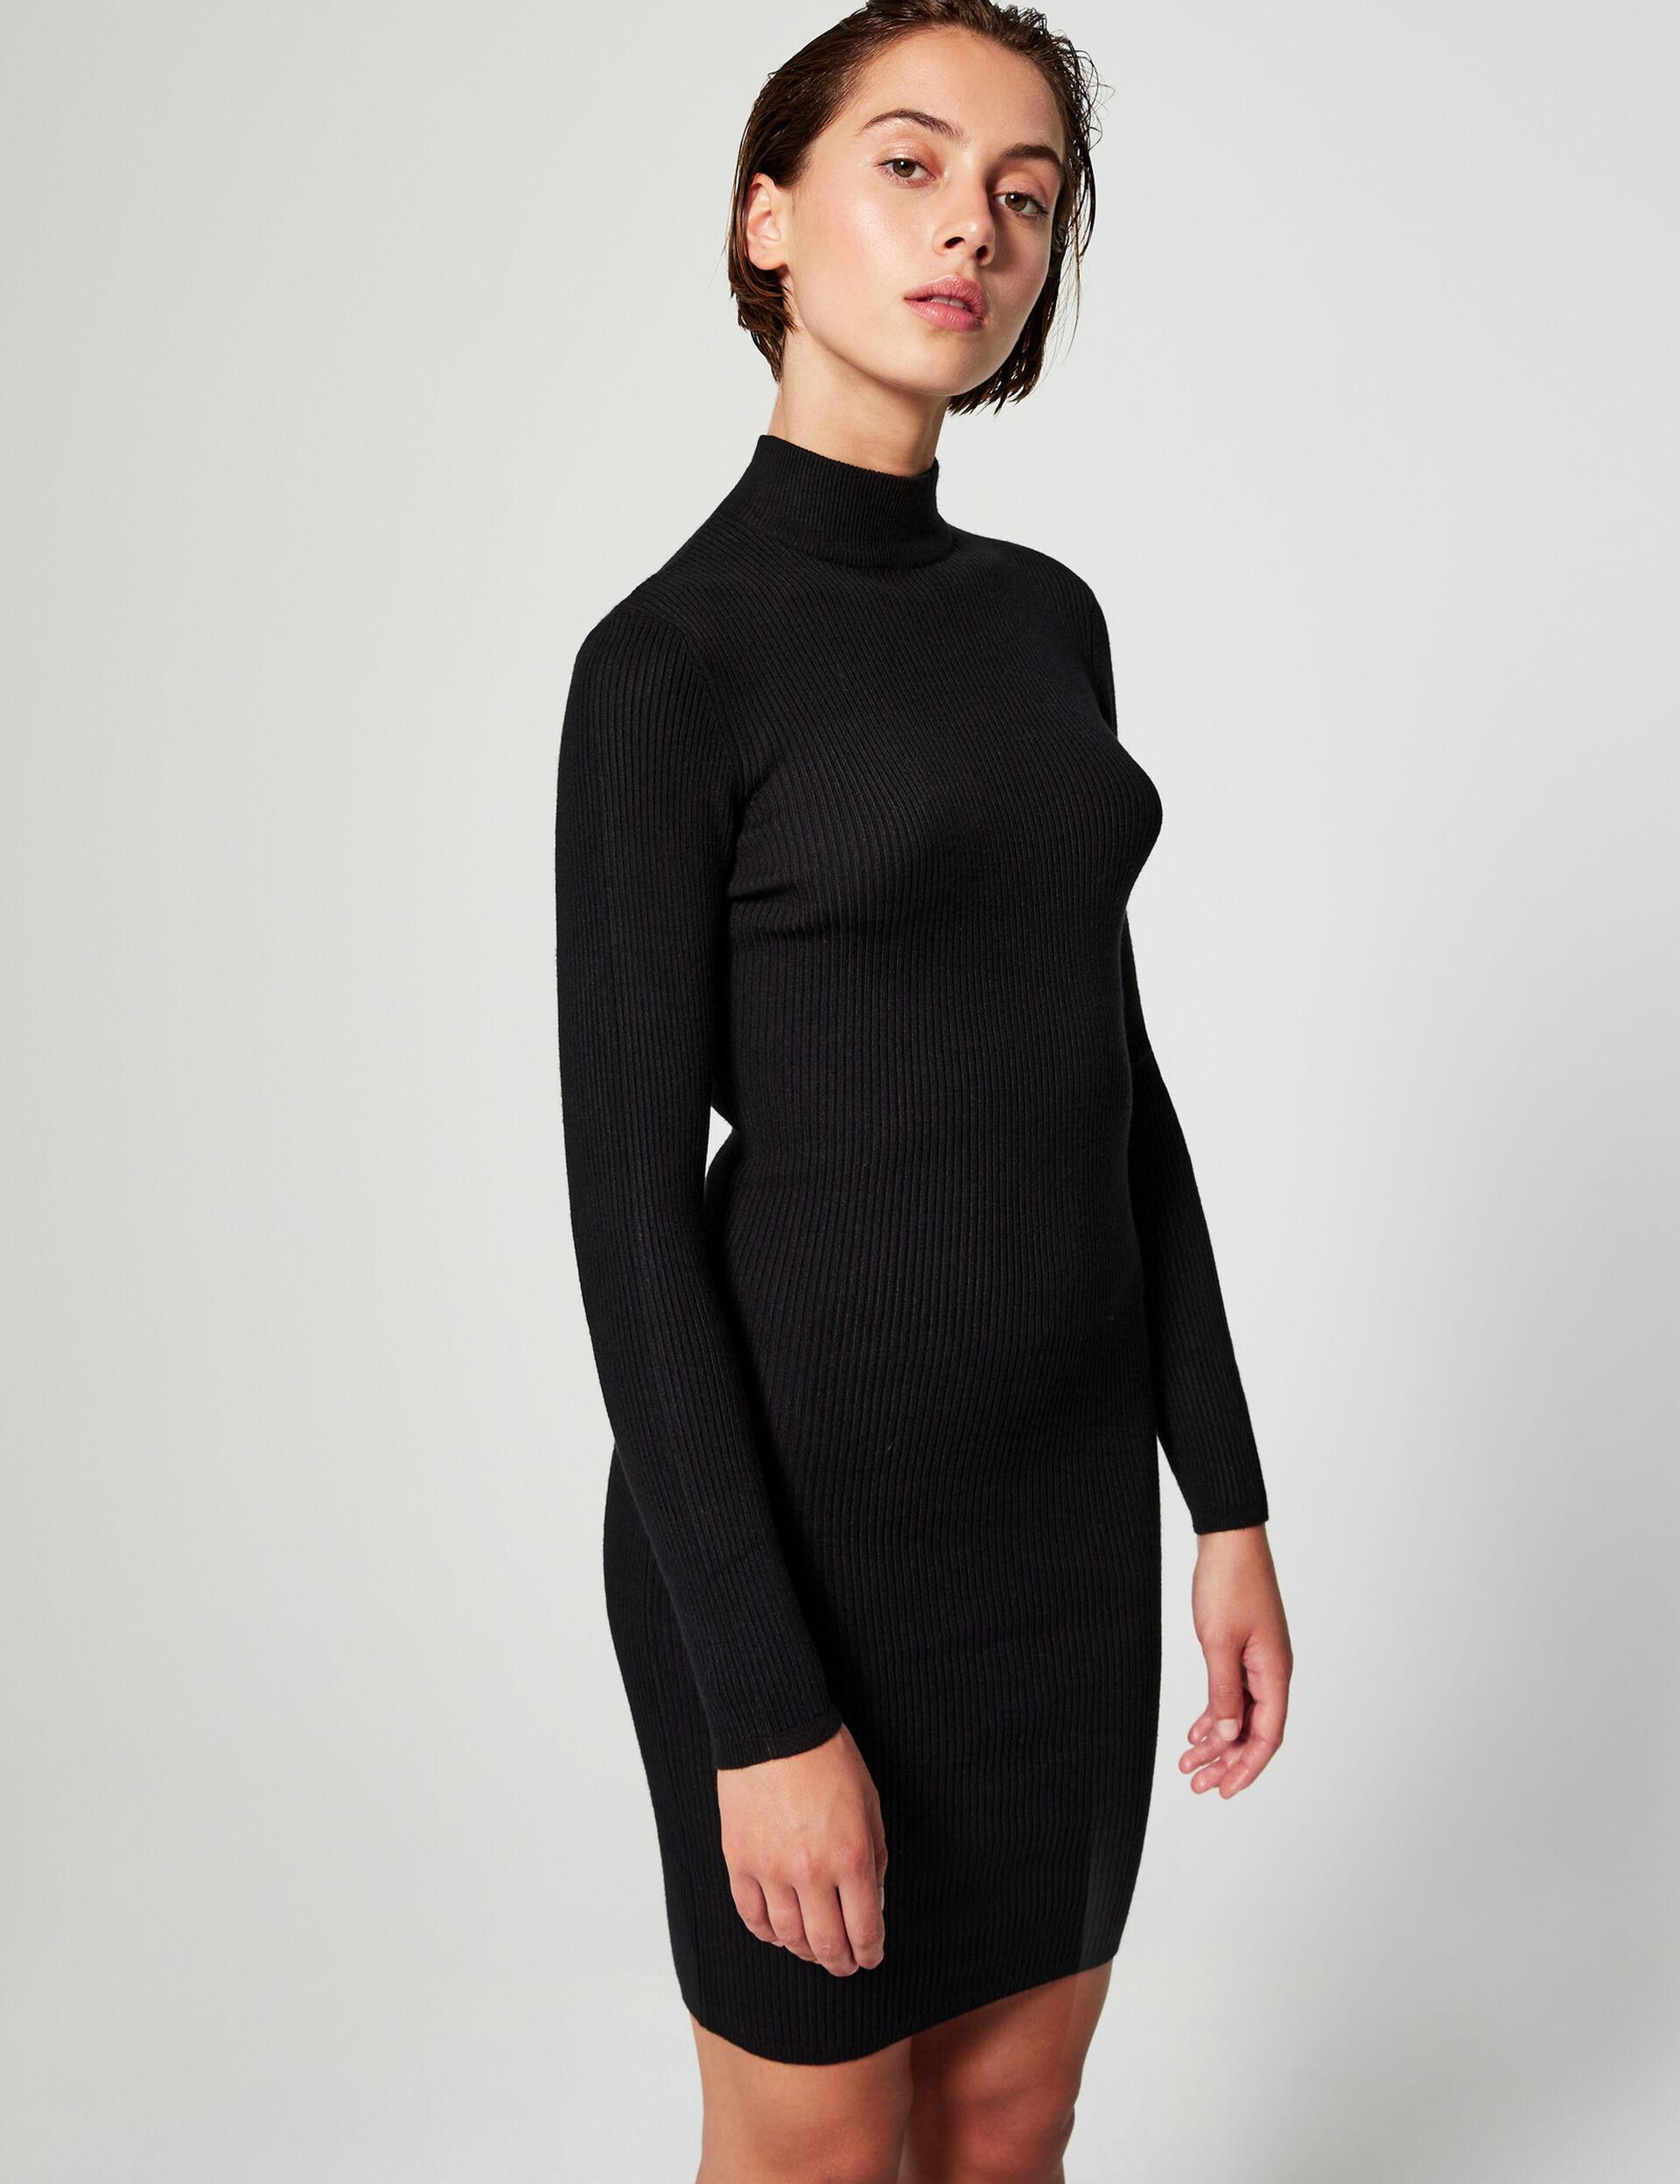 High-necked jumper dress